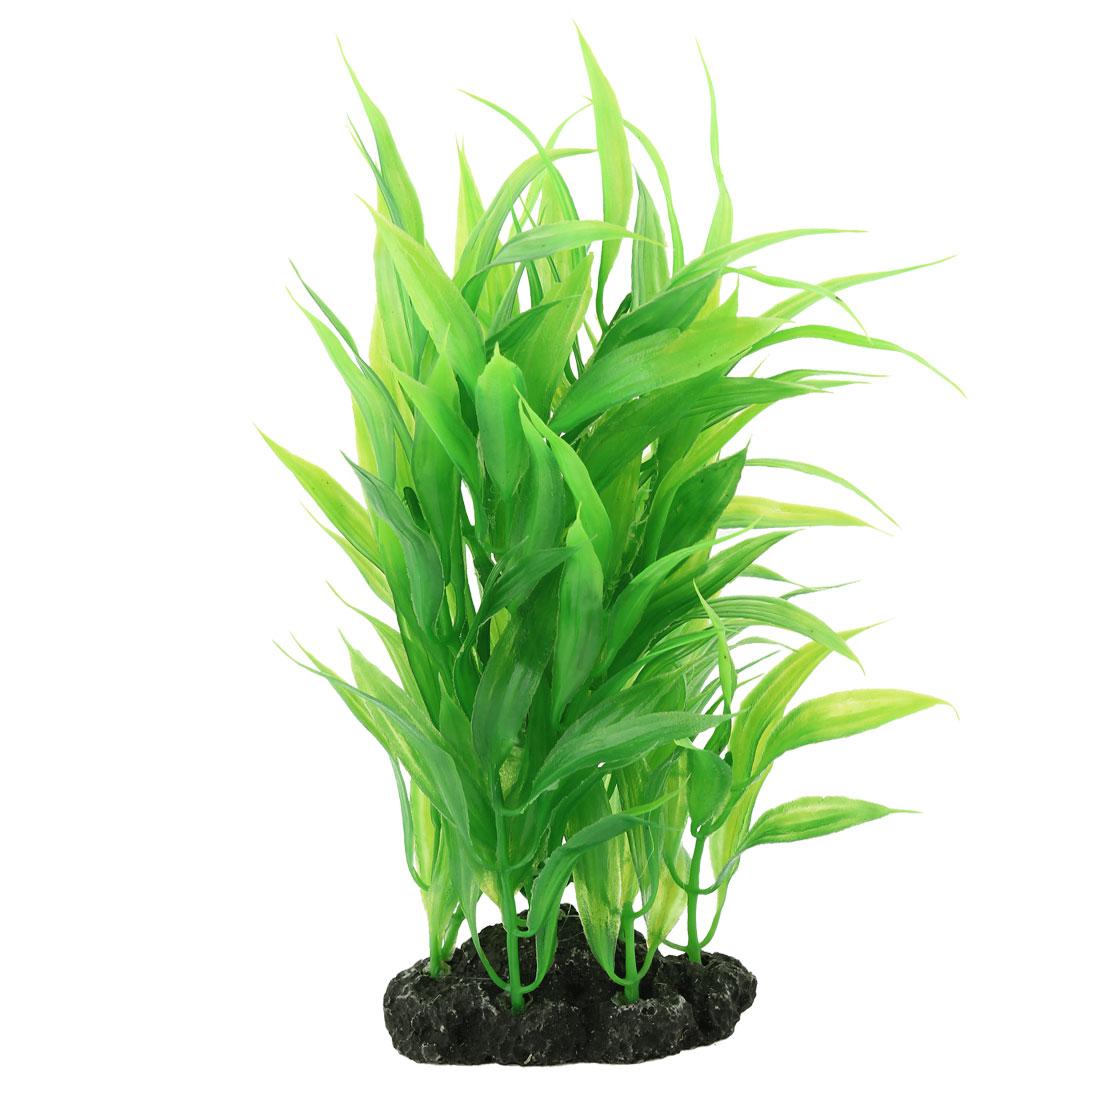 """8.3"""" High Artificial Plastic Plants Grass Green for Fish Tank Aquarium"""